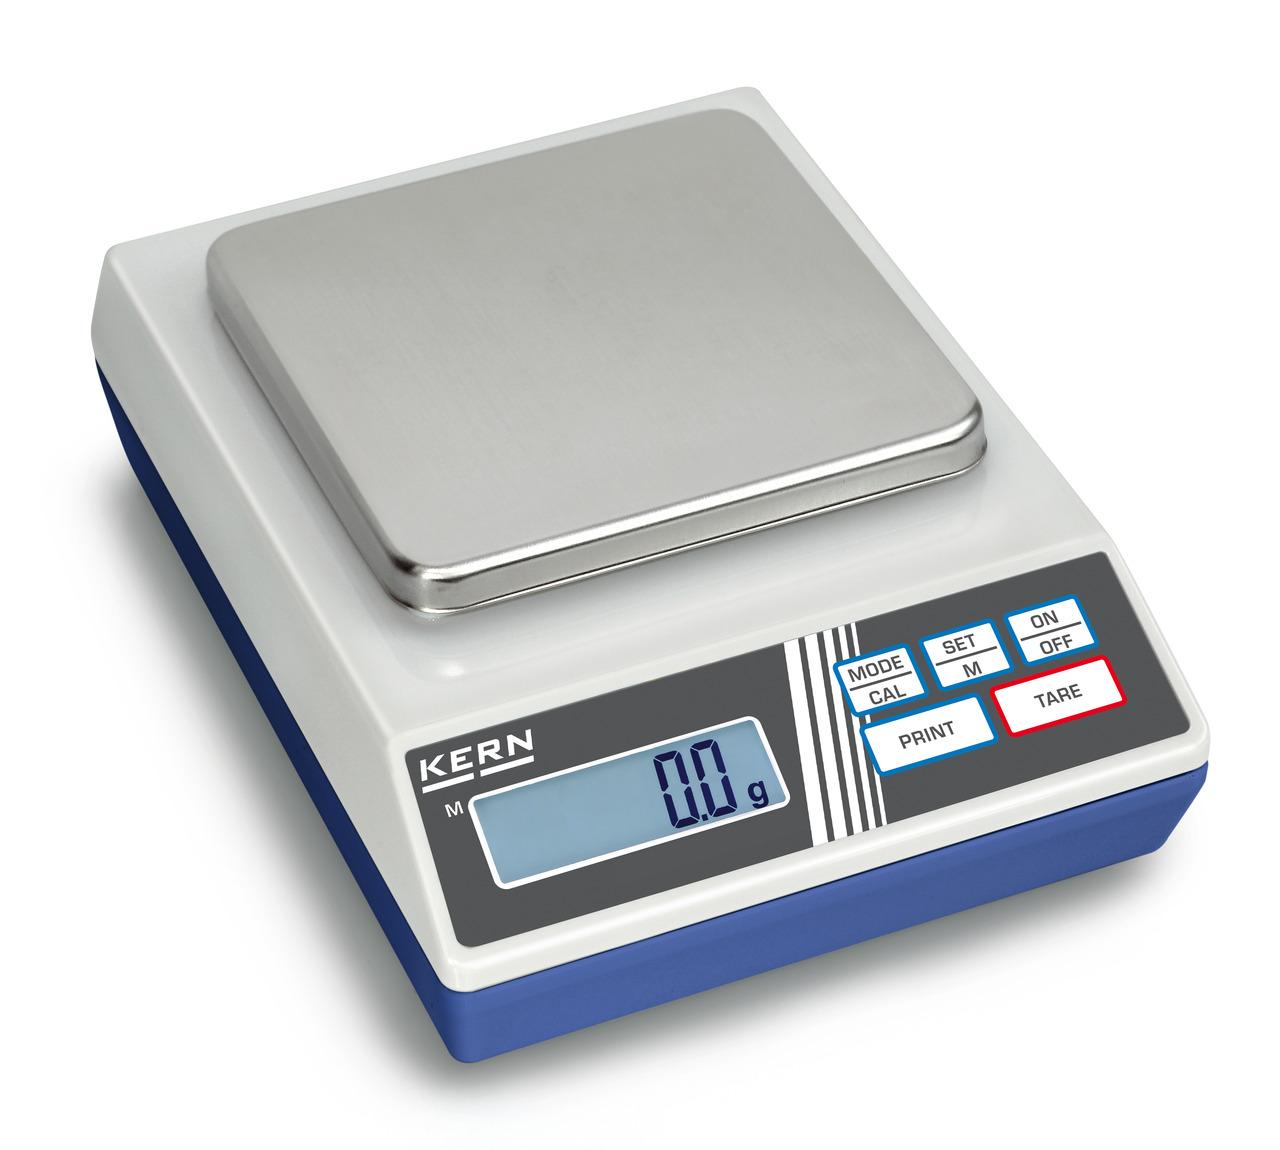 KERN Laborwaage - 400 g / 0,2 g KERN Laborwaage 440-43N